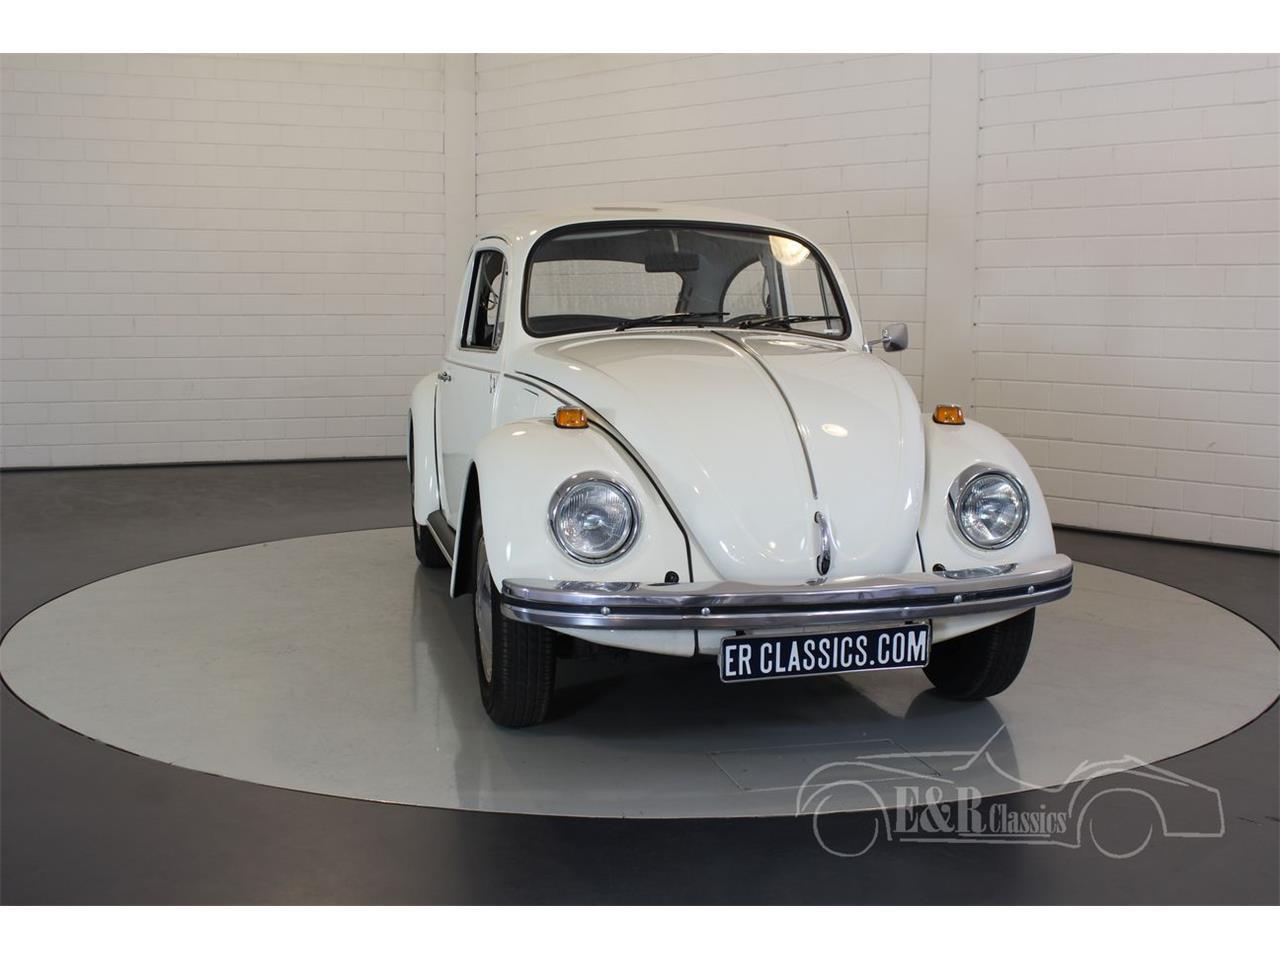 Large Picture of 1973 Volkswagen Beetle located in Waalwijk Noord-Brabant - $13,500.00 - QJ2U